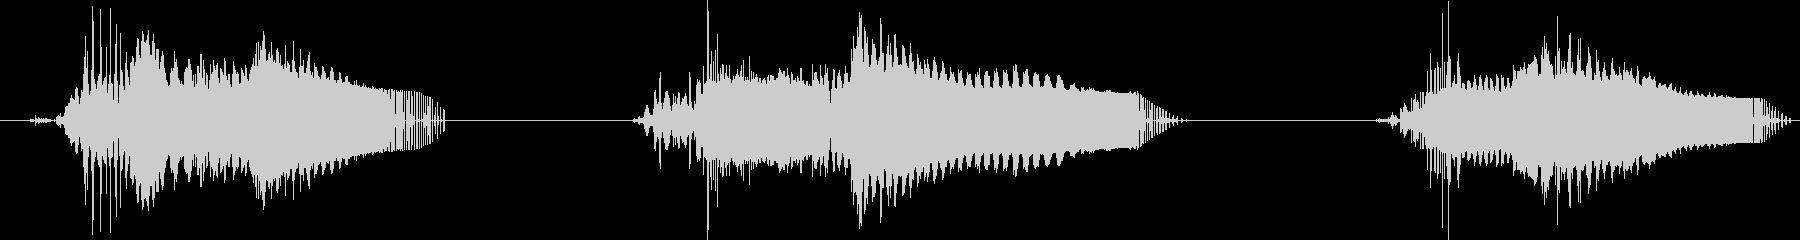 フィクション 電力装置 グリッチ02の未再生の波形